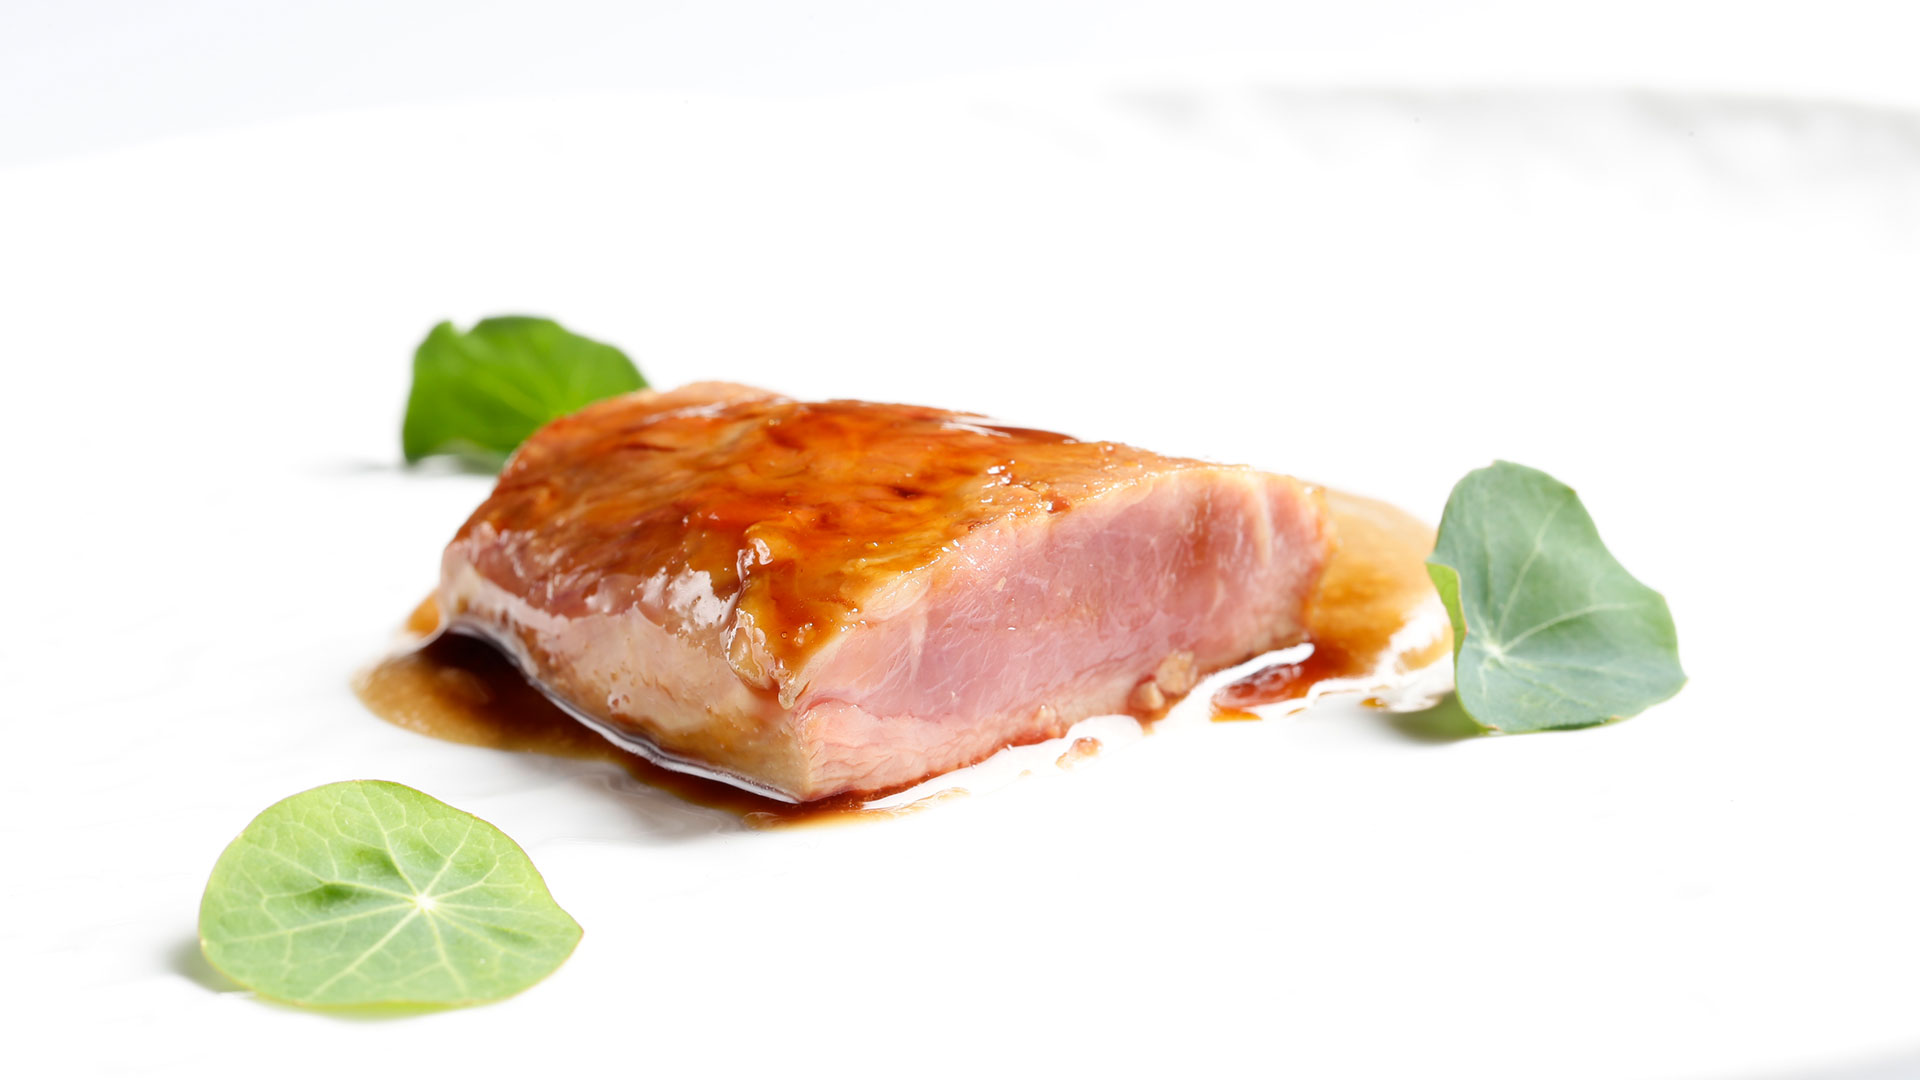 Receta de lomo de cordero lacado con crema de piñón y piñas verdes de pino